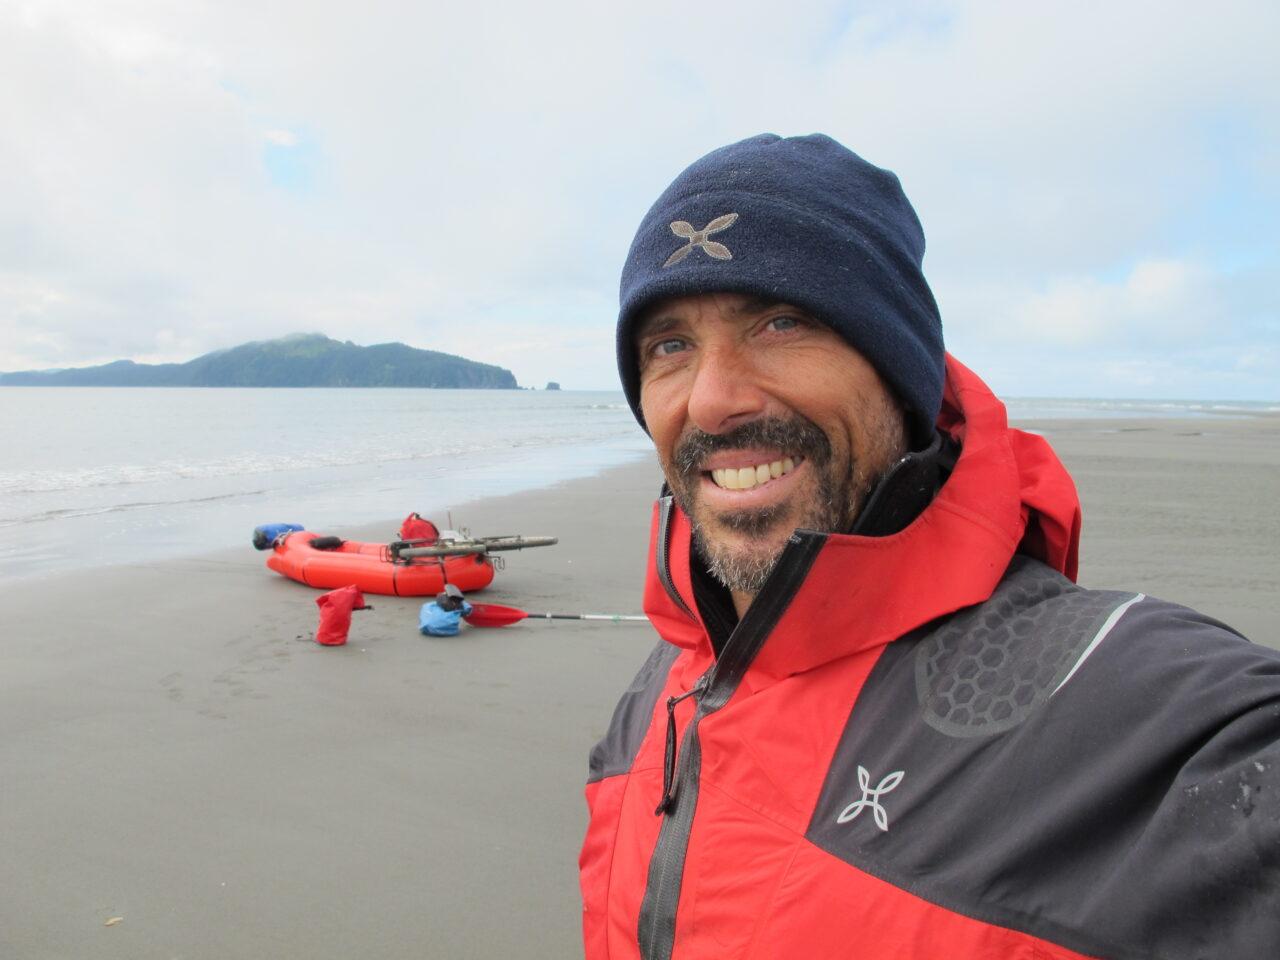 MAURIZIO-DORO-Alaska-2011-ATRAVERSATA-DELLA-COSATA-SUD-PER-500-KM-IN-MTB-E-CANOTTO-1280x960.jpg